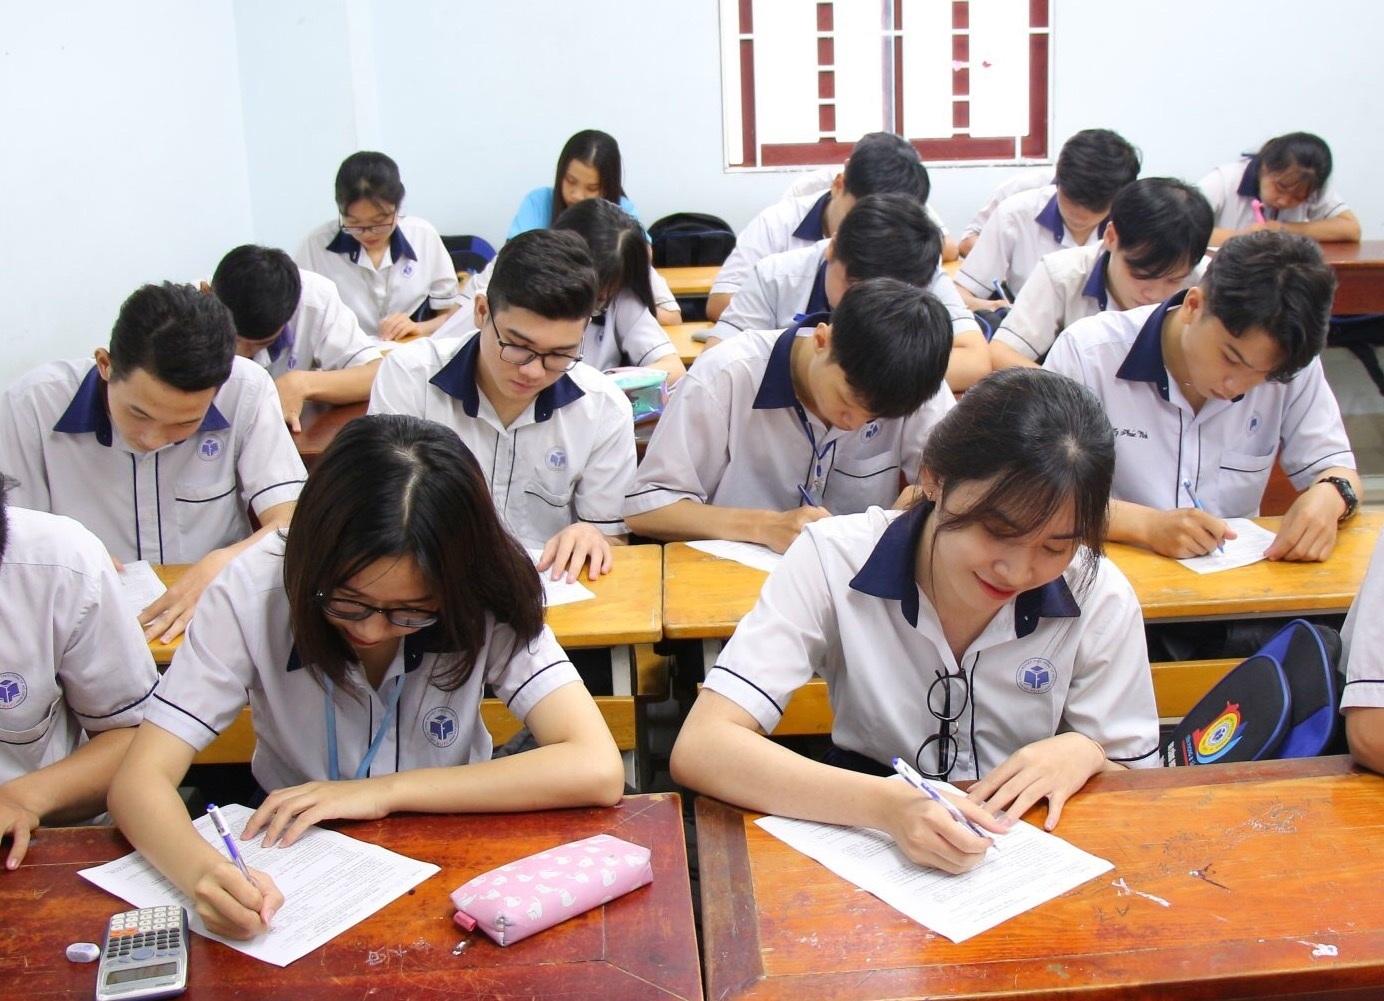 Tây Ninh: 10% thí sinh đăng ký thi chỉ để xét tốt nghiệp THPT